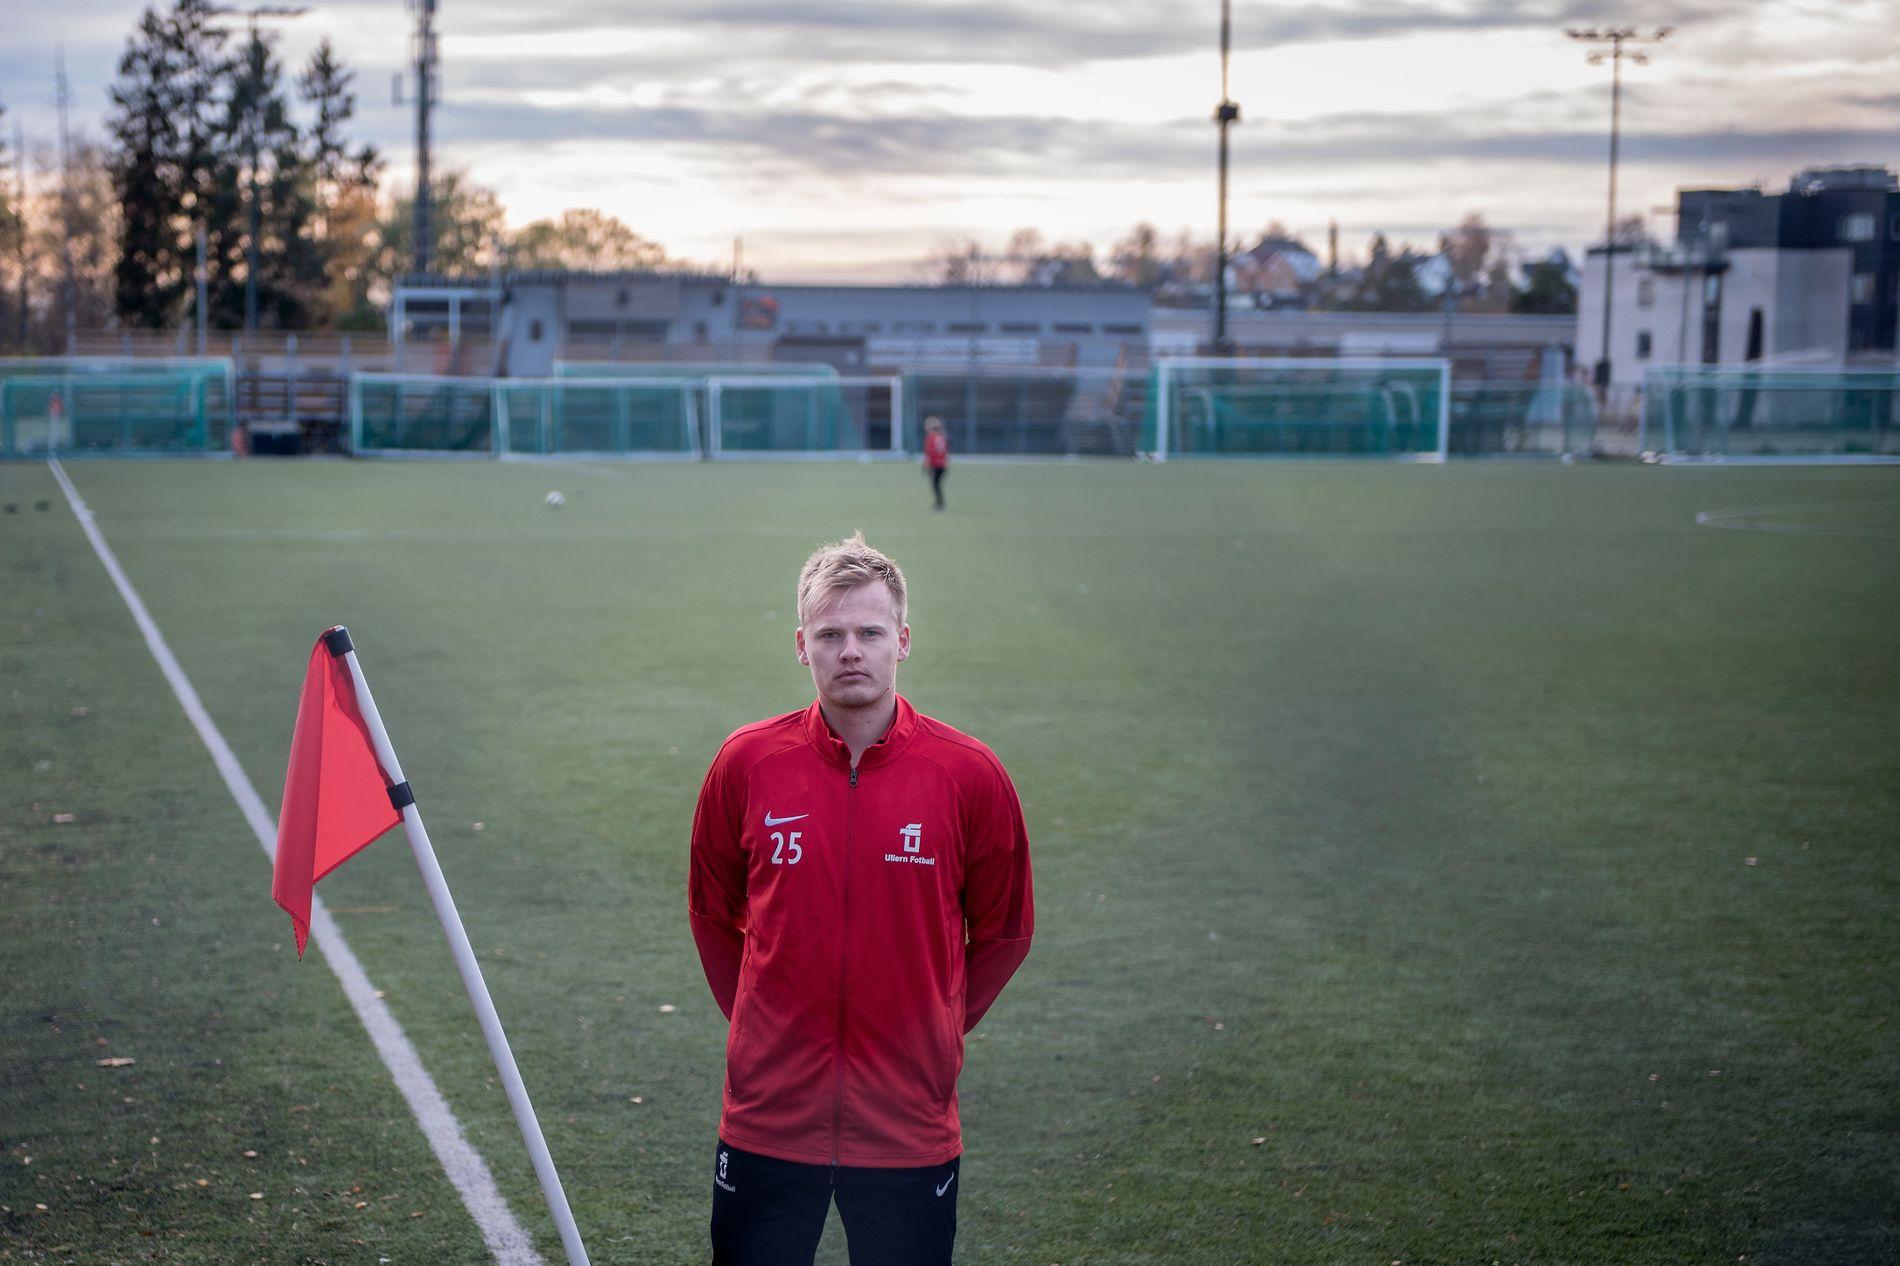 MANGE SPØRSMÅL: Halvor Raddum (27) er kaptein på Ullern ILs 3. divisjonslag. Heikki Bjørklund Paltto (24), som ble drept mandag, hadde tilknytning til laget.